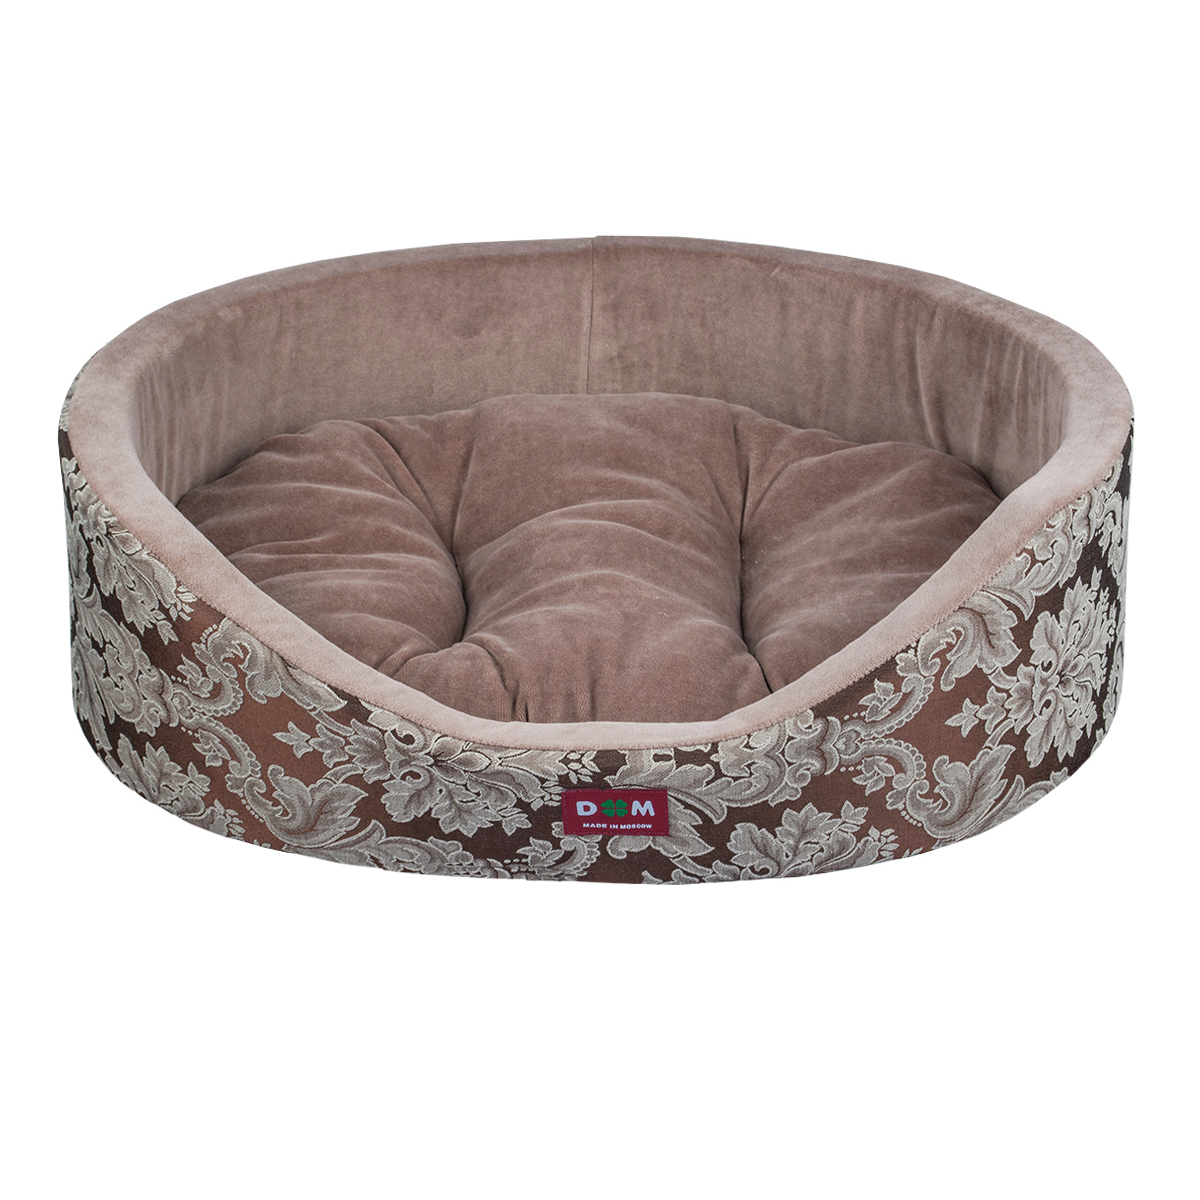 Лежак для животных Dogmoda Классика, 60 x 50 x 16 смDM-160277-3Лежак для животных Dogmoda Классика прекрасно подойдетдля отдыха вашего домашнего питомца. Предназначен длясобак мелких и средних пород и кошек. Изделие выполненоиз жаккарда с изысканным узором, внутри - мягкийнаполнитель из поролона, который обеспечивает комфорт иуют. Лежак снабжен съемной велюровой подушкой схоллофайбером внутри. Изделие имеет высокие бортики.Внешняя сторона выполнена из ткани, которая пестритвитиеватыми узорами, смотрится очень нарядно и помпезно.Комфортный и уютный лежак обязательно понравитсявашему питомцу, животное сможет там отдохнуть ивыспаться.Высокий уровень комфорта, спокойный благородный цвет имягкость сделают этот лежак любимым местом отдыхавашего питомца.